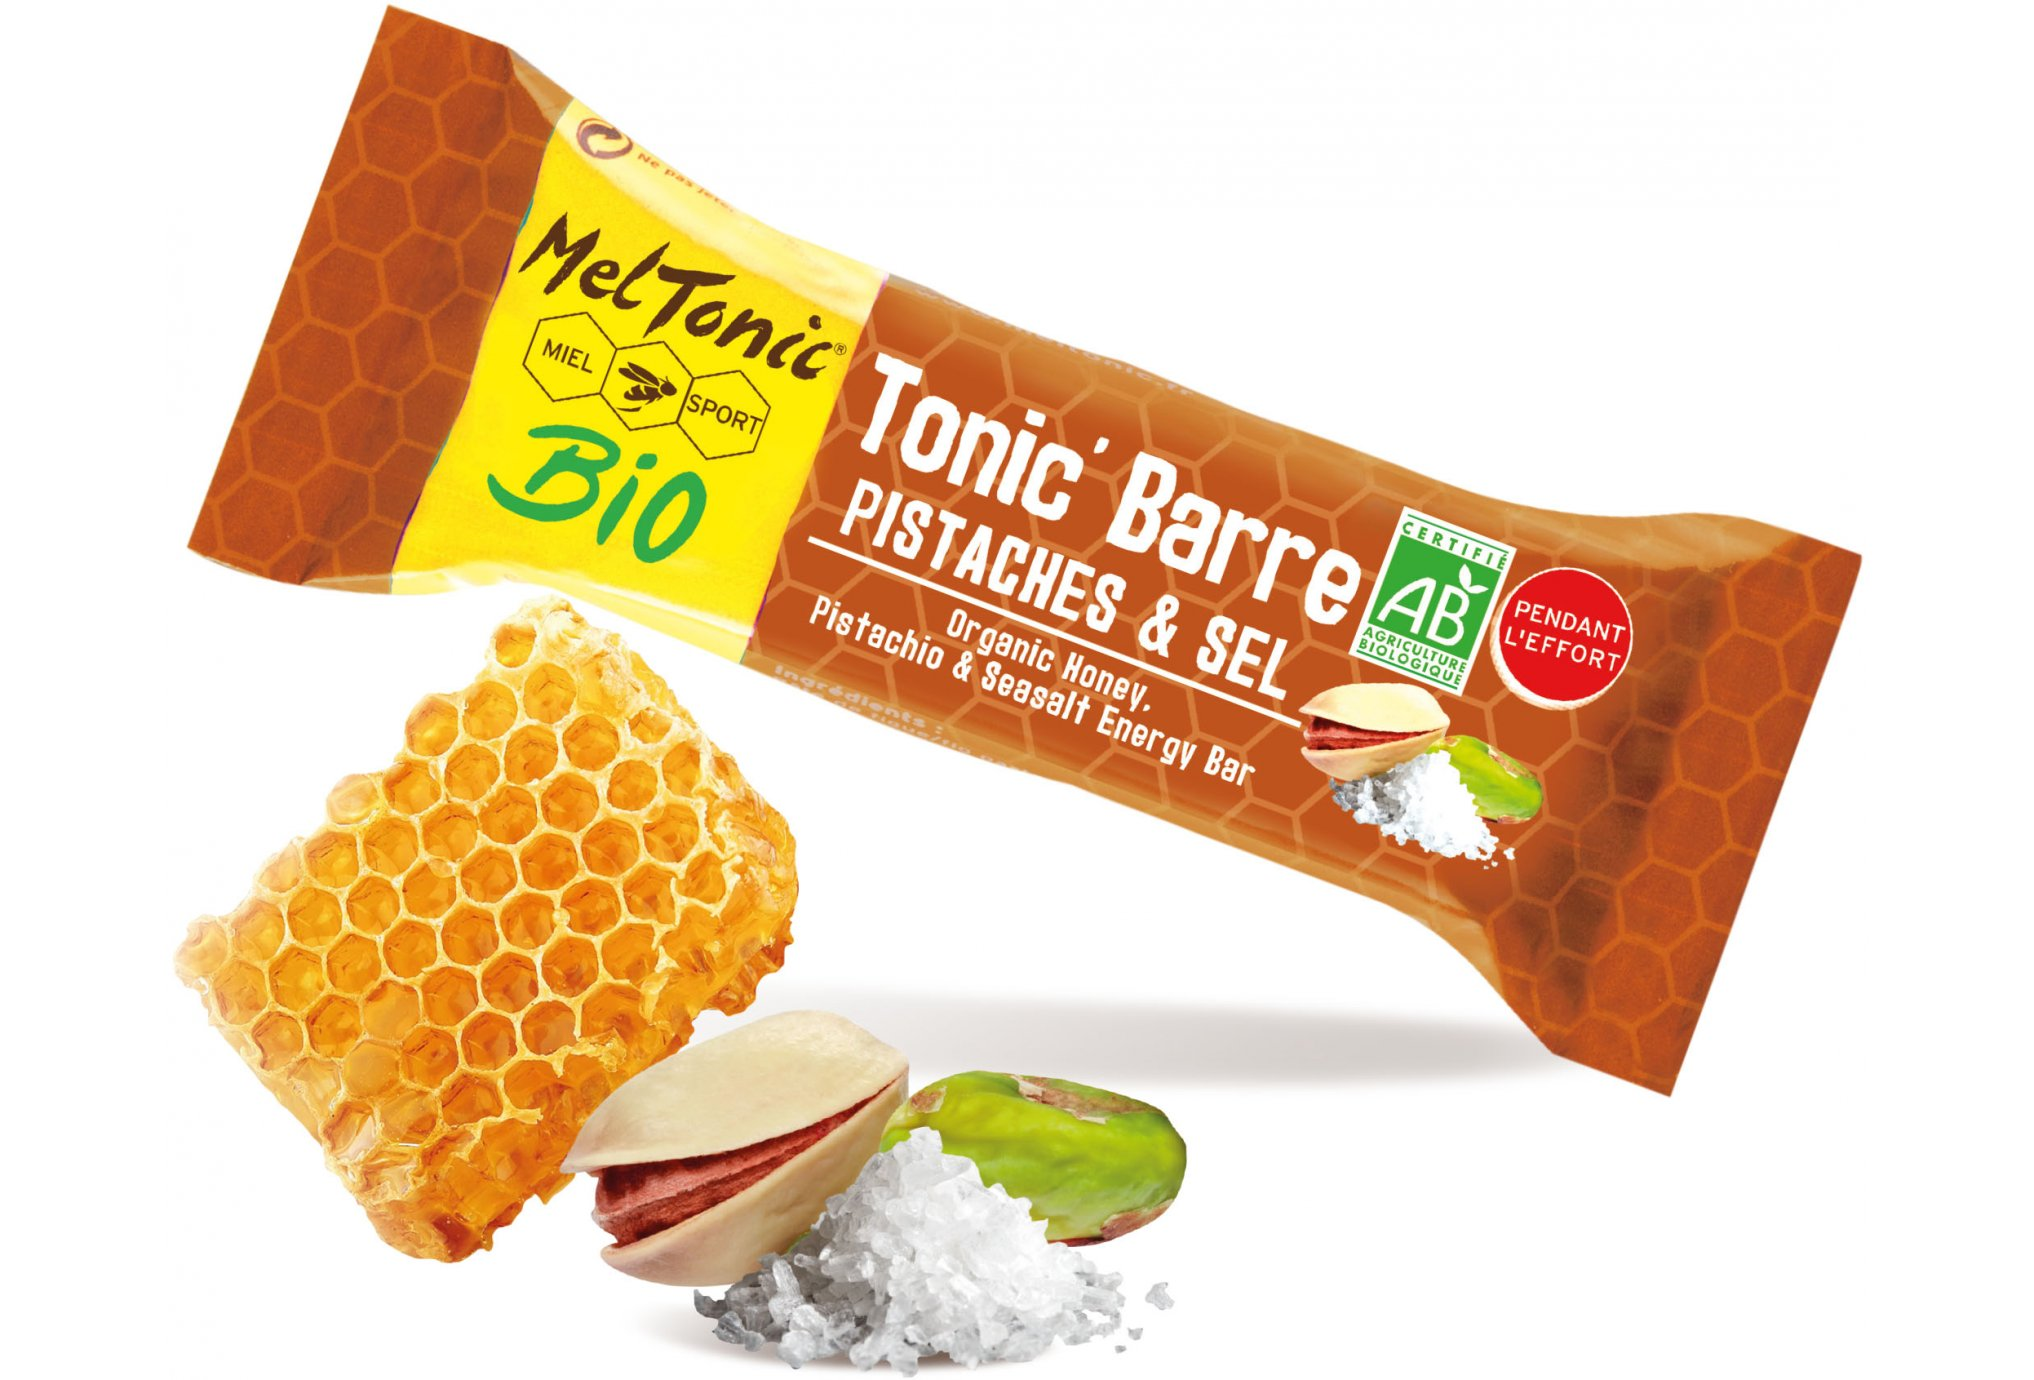 MelTonic Tonic'Barre BIO - Pistache Fleur de Sel Diététique Barres